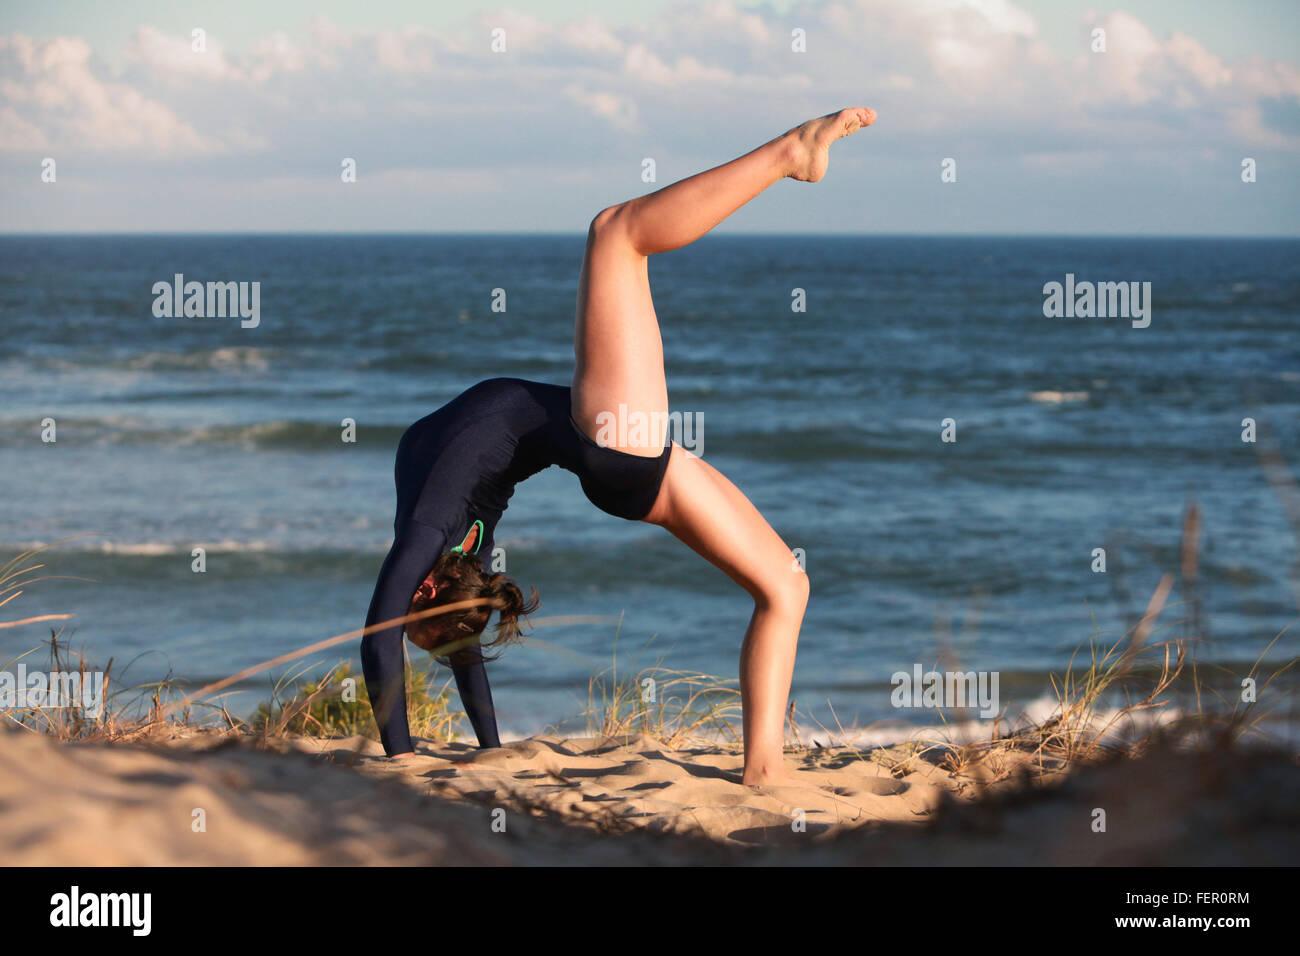 Un ginnasta sta facendo la sua routine sulla spiaggia in Sud Africa. Immagini Stock